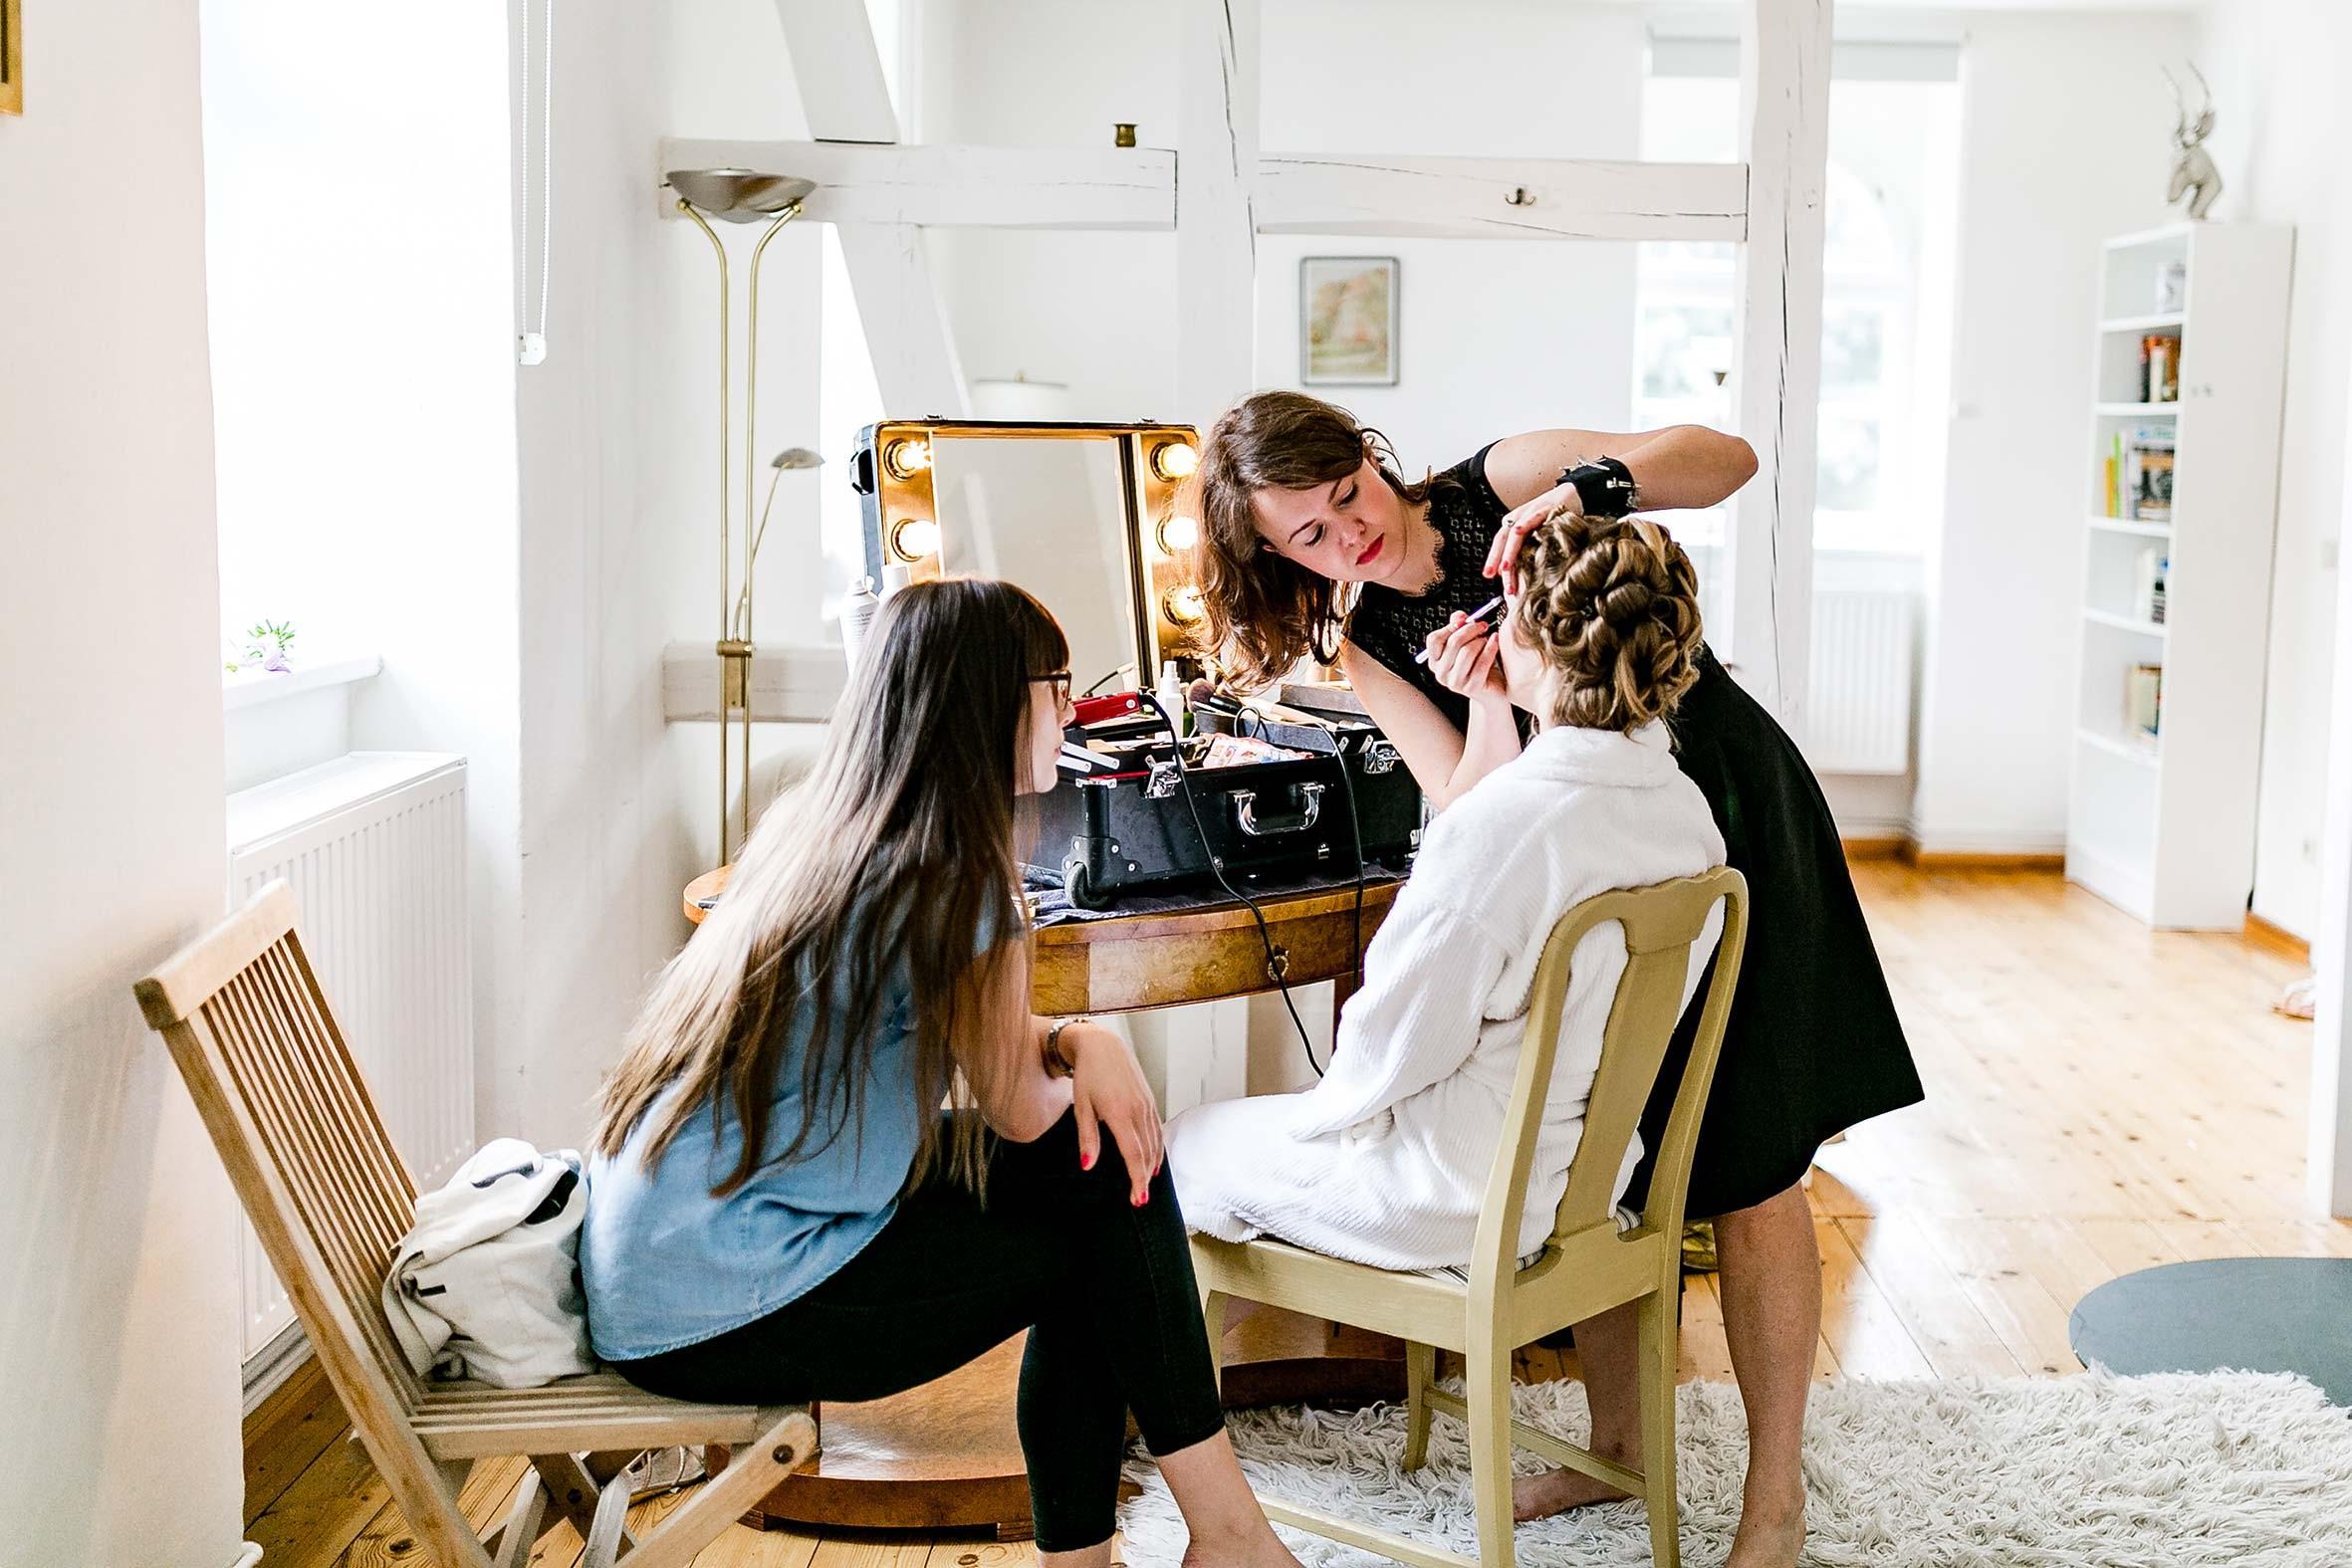 mobile stylistin für deine hochzeit: brautfrisur und hcohzeits make-up von püppikram